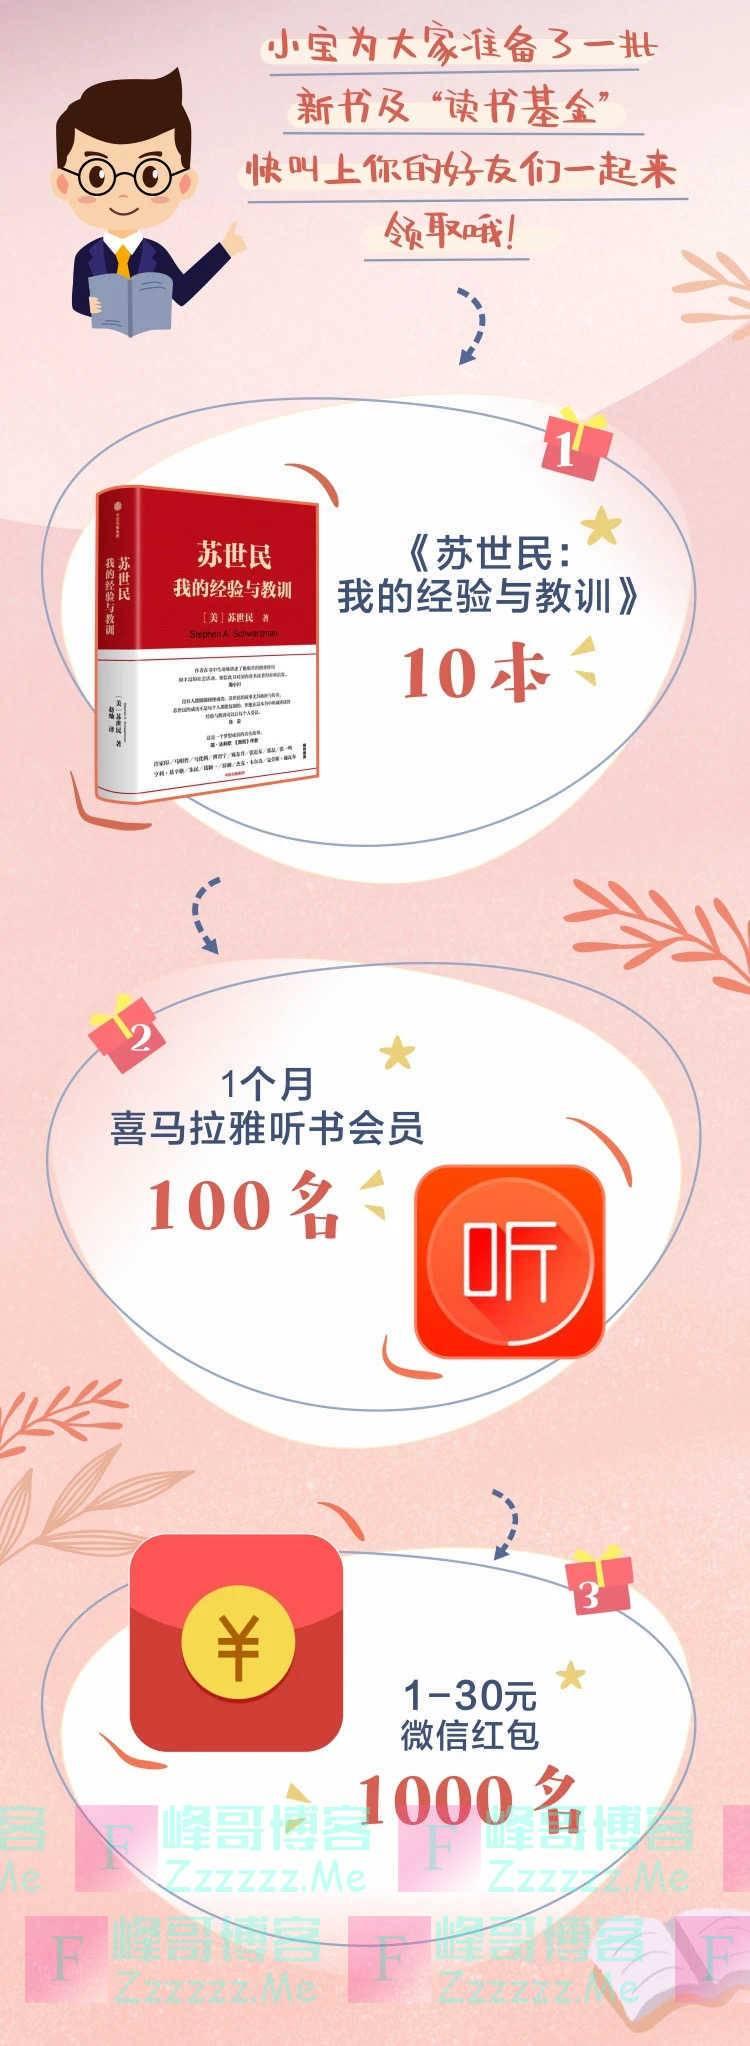 招商基金分享枕边书 赢微信红包!(4月25日截止)